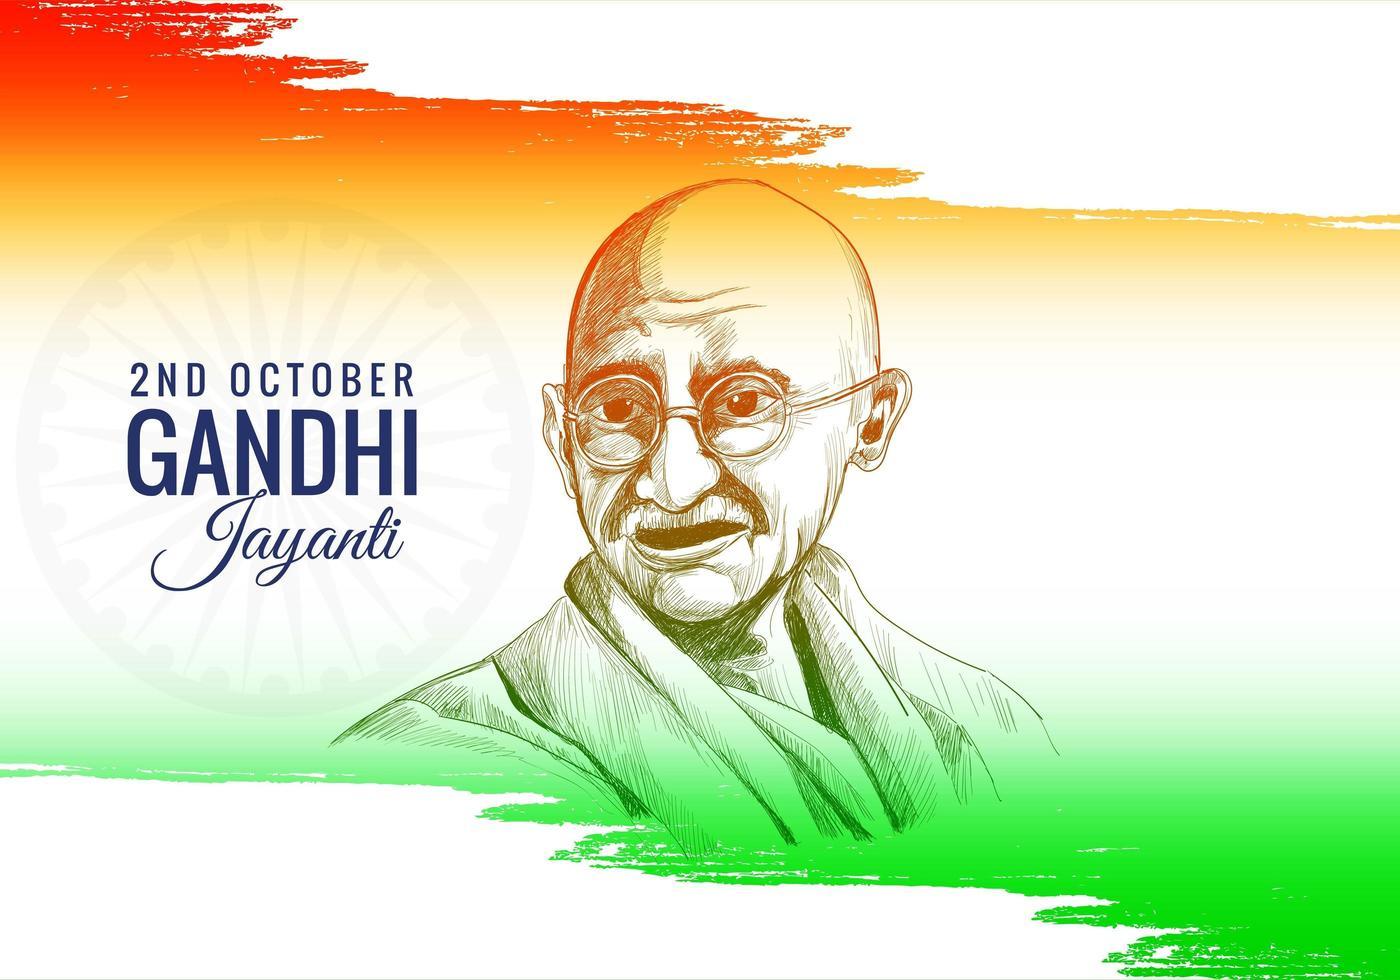 gandhi jayanti gevierd als een nationale feestdag-achtergrond vector